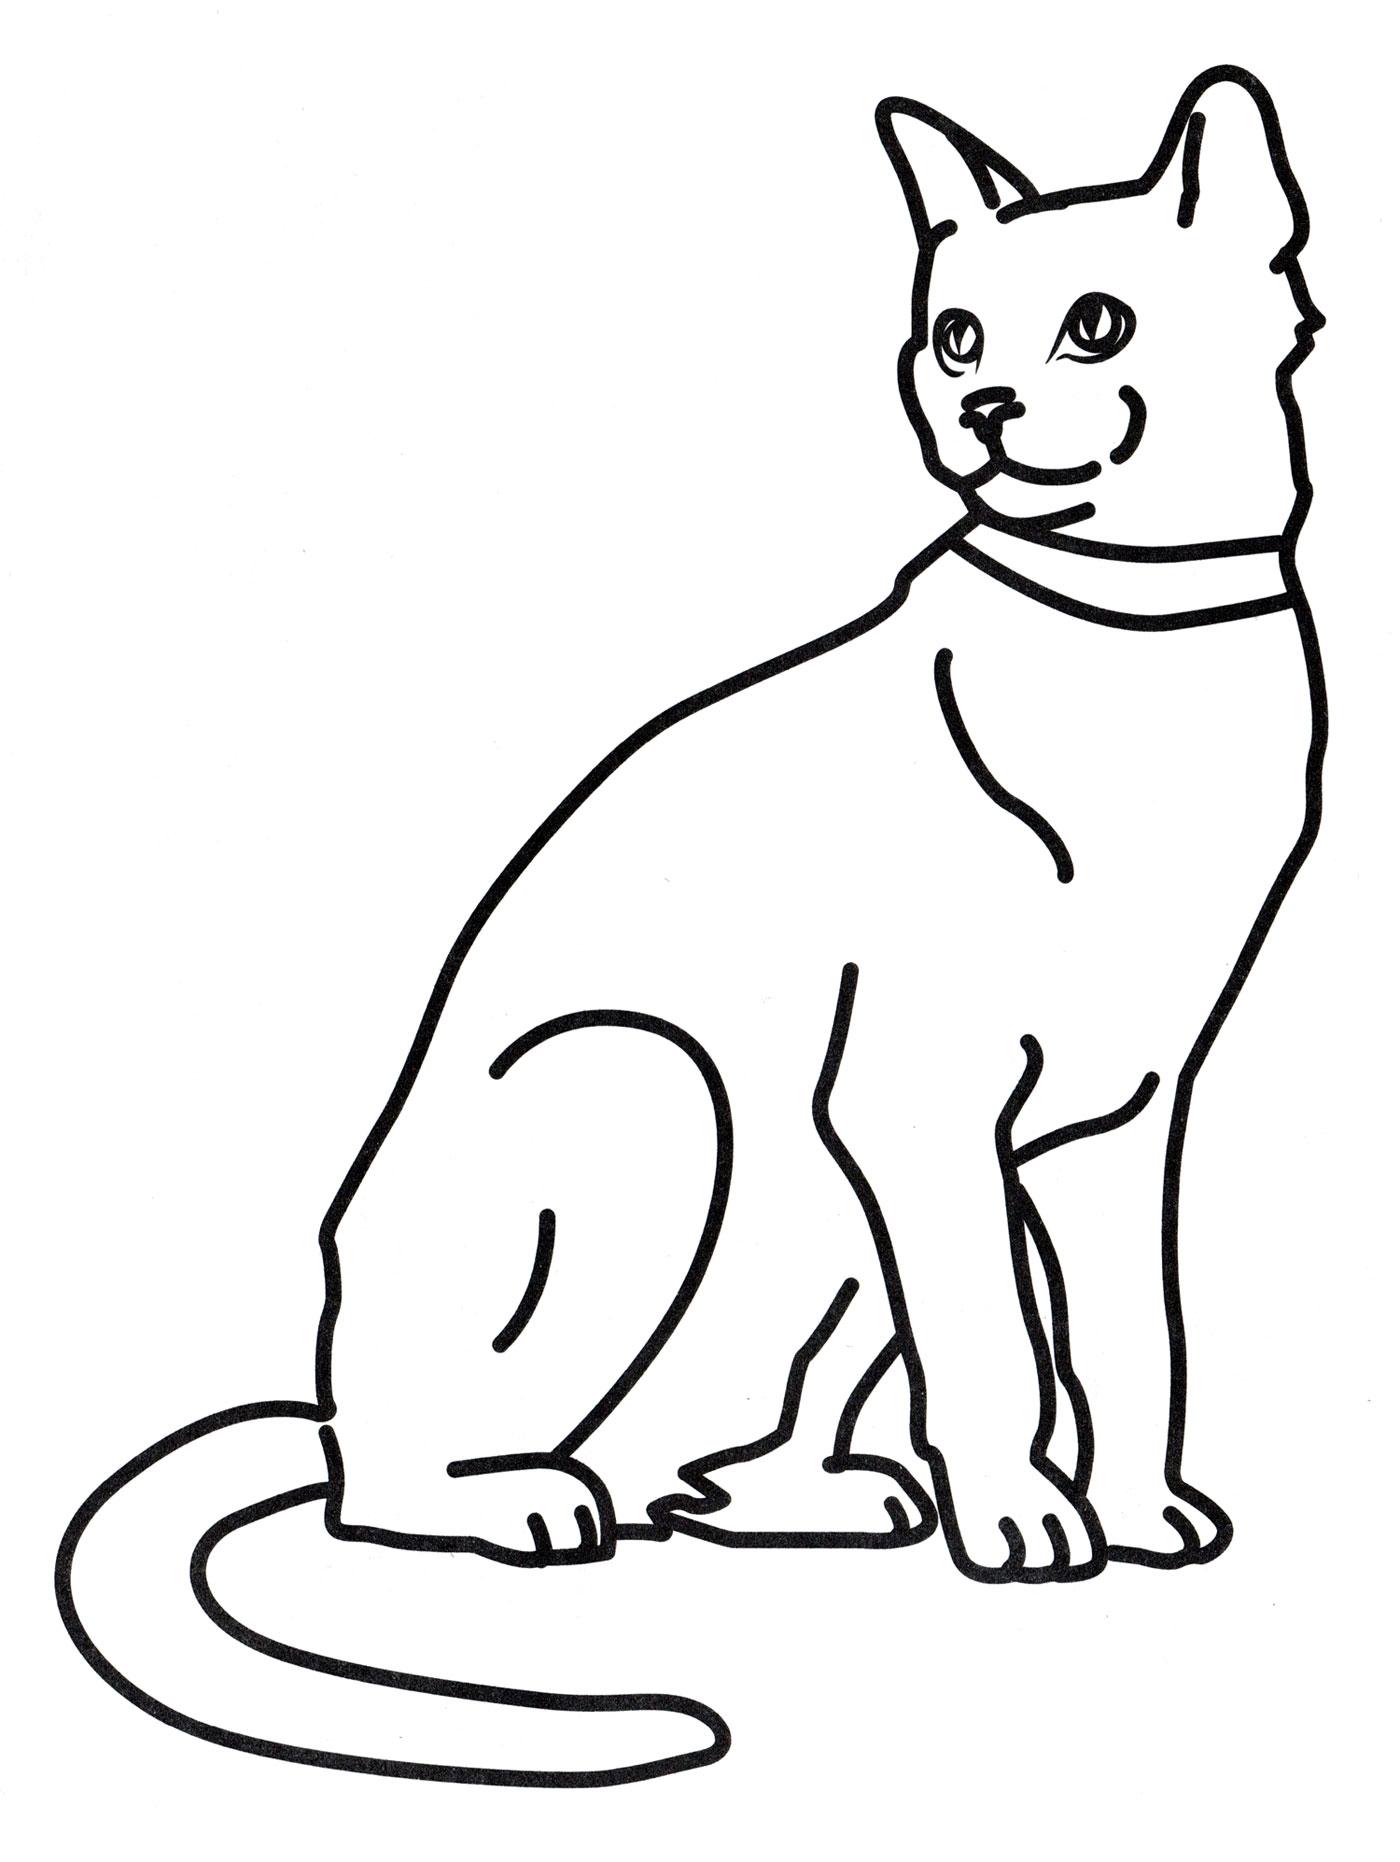 Раскраска Кошка на отдыхе - распечатать бесплатно